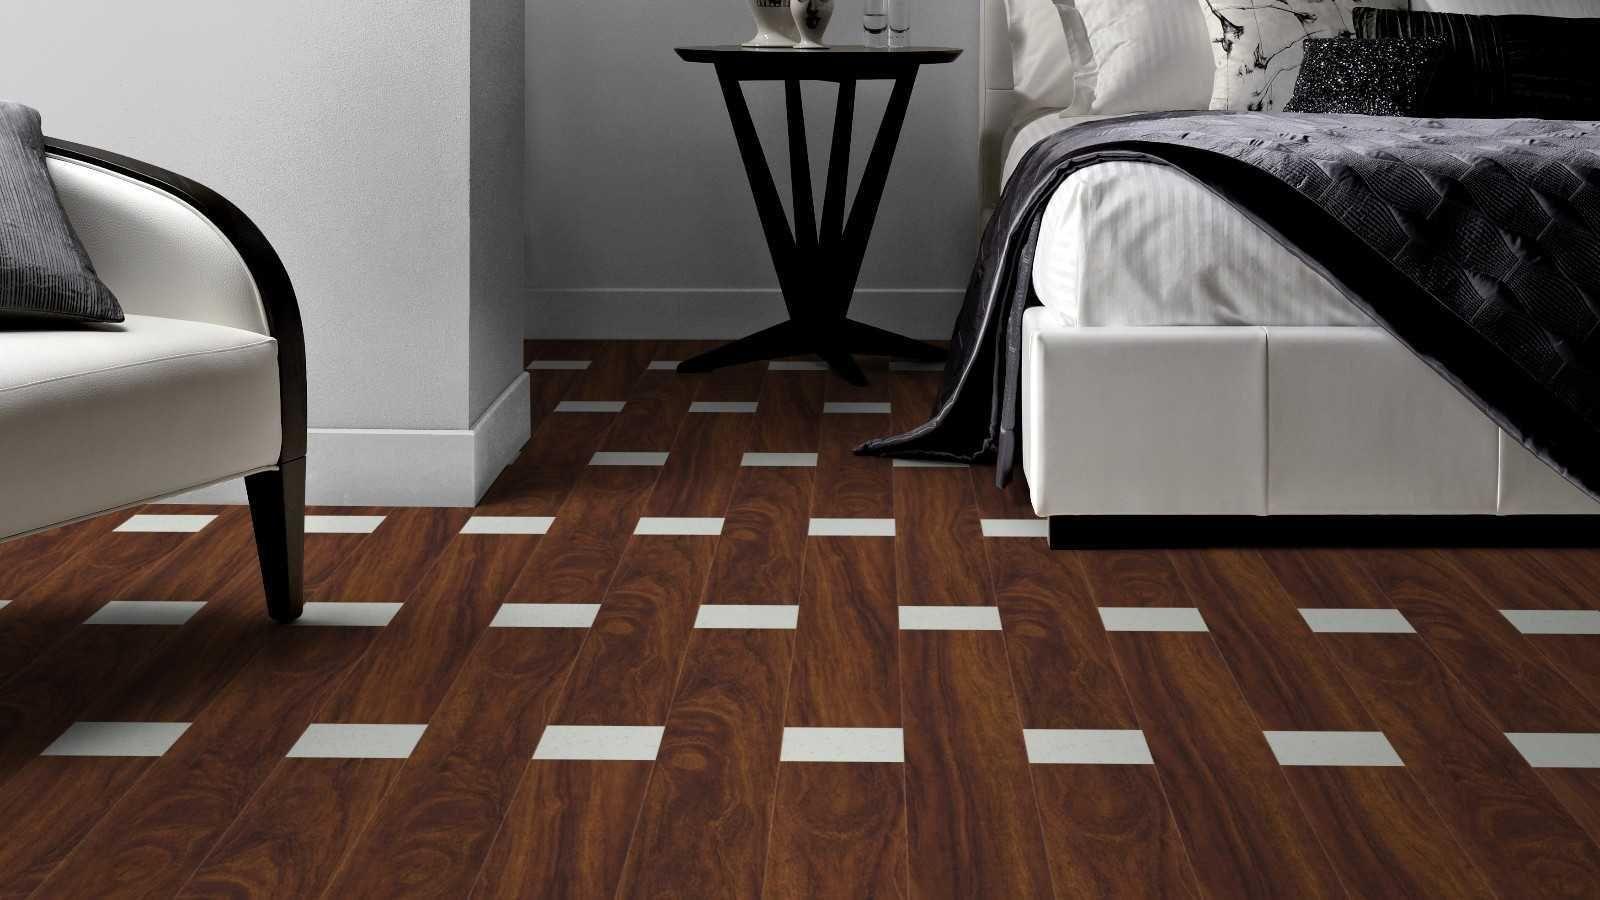 44 Attractive Tiles For Bedroom Decortez Floor Tile Design